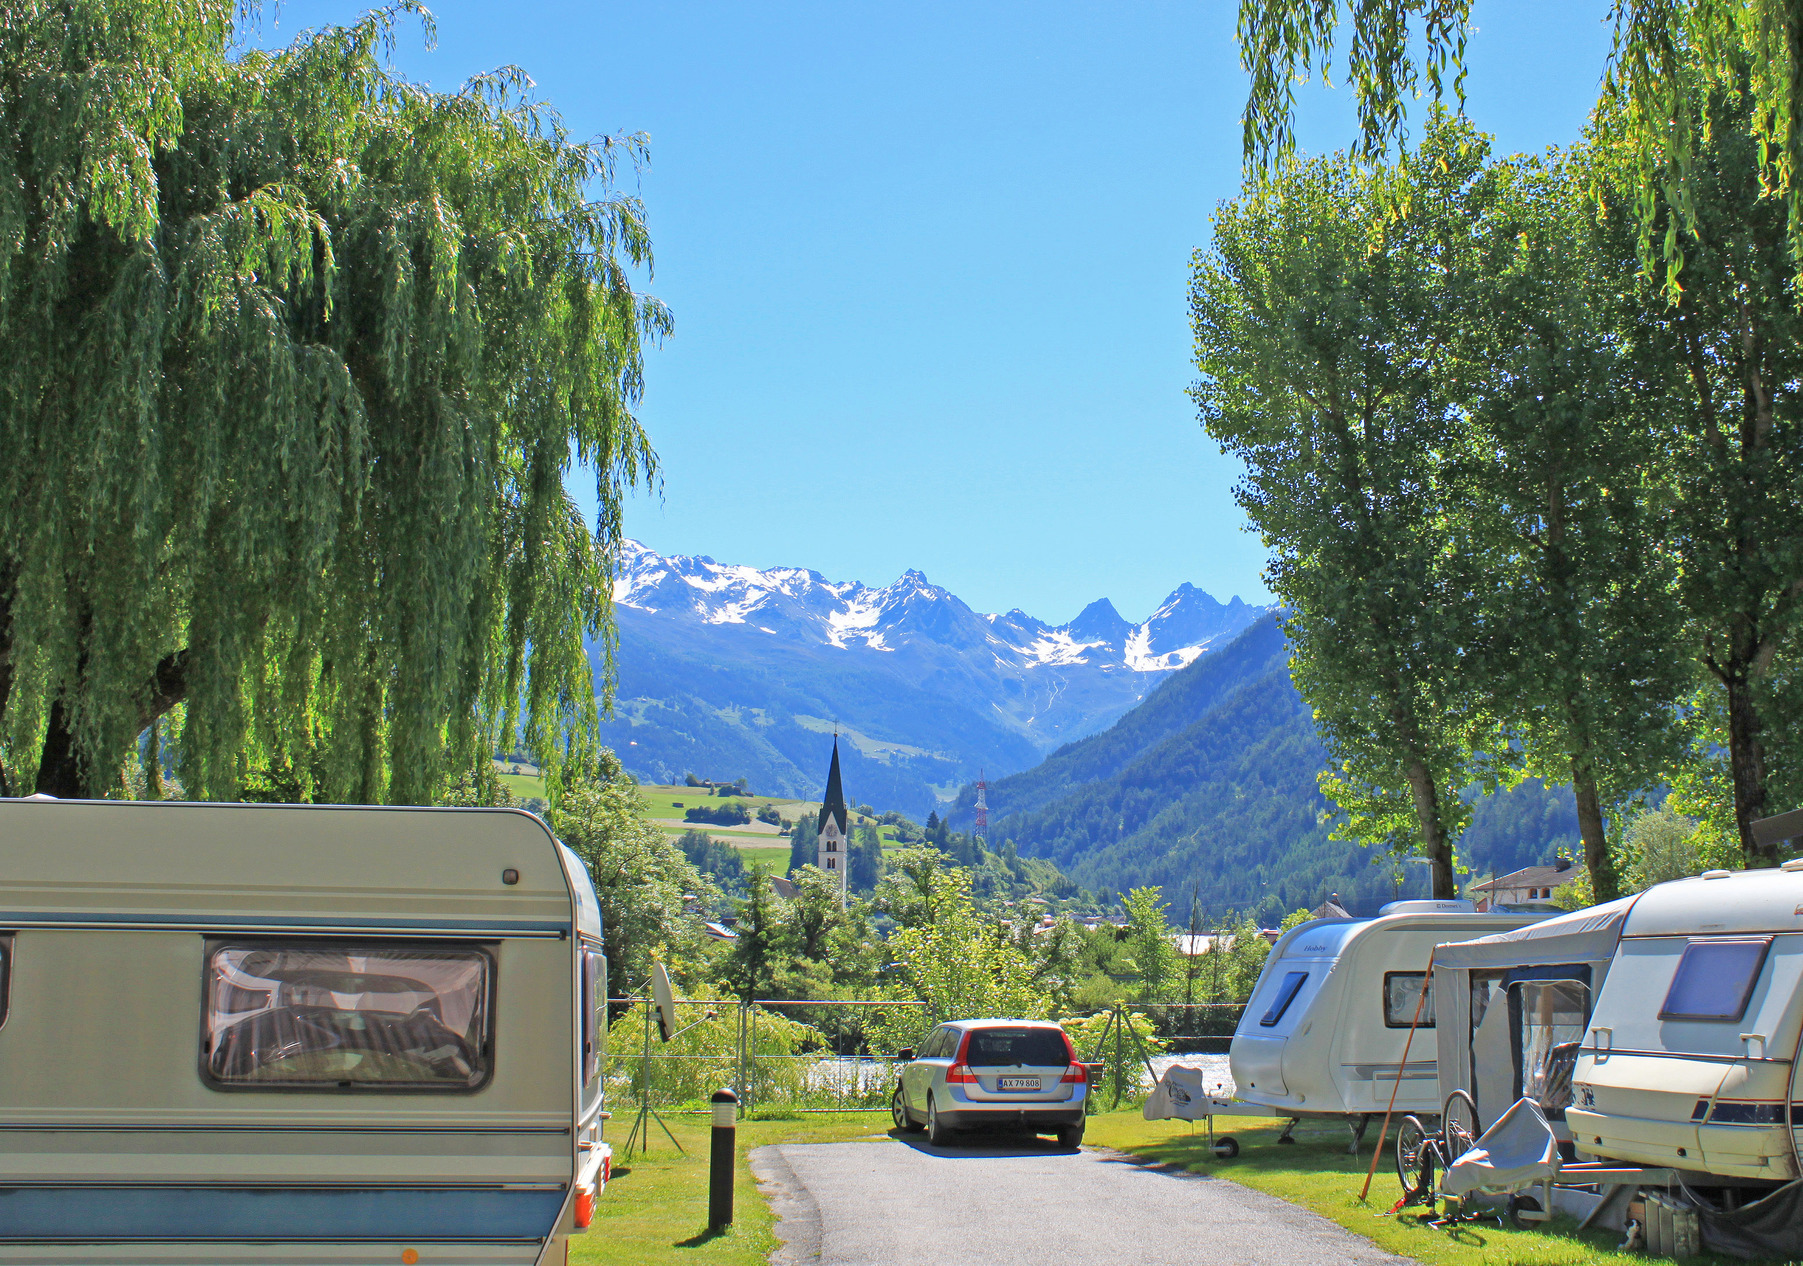 Oostenrijk-Prutz-AktivCamping%20Prutz-ExtraLarge Wintersport Oostenrijk